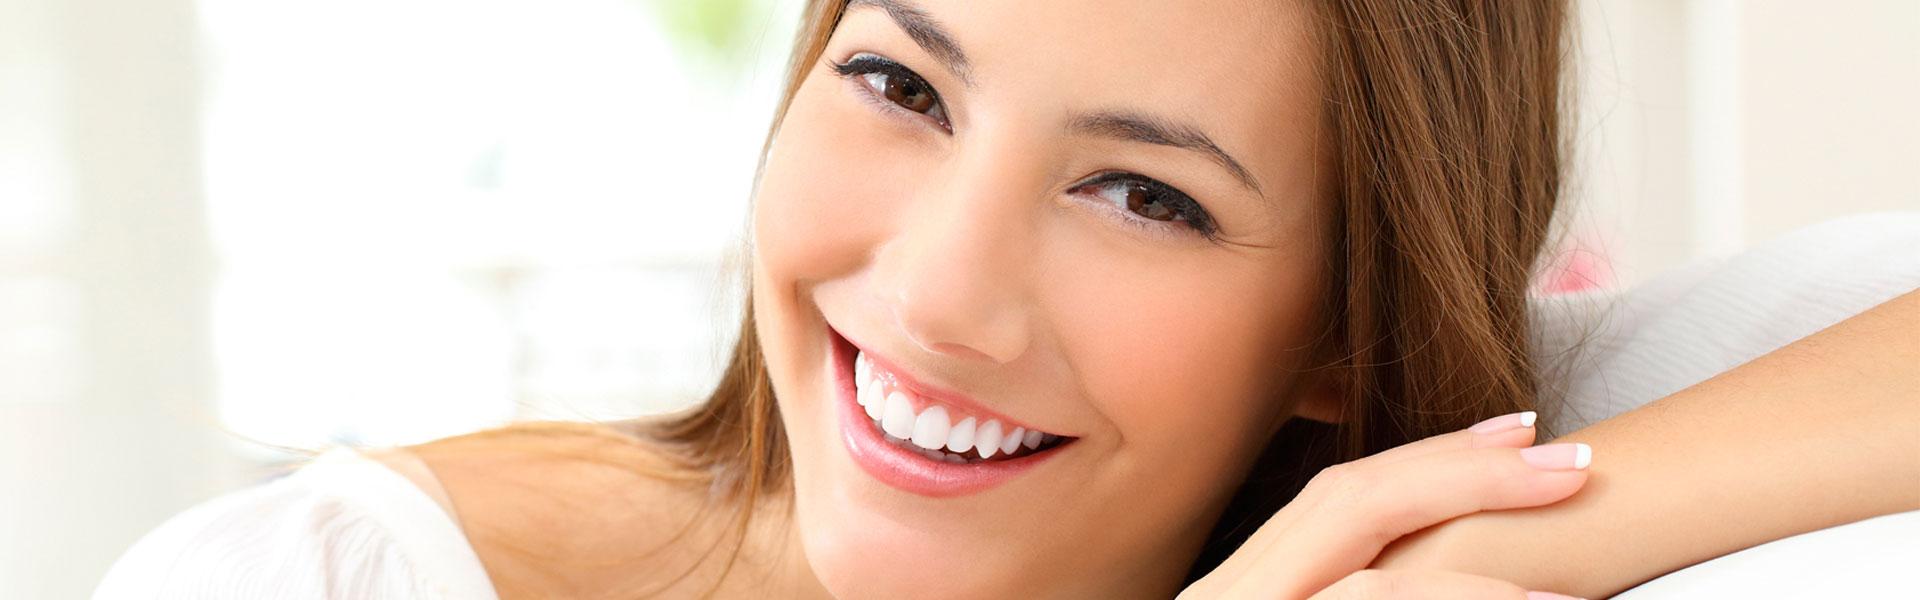 Cosmetic Dentistry in Etobicoke, ON